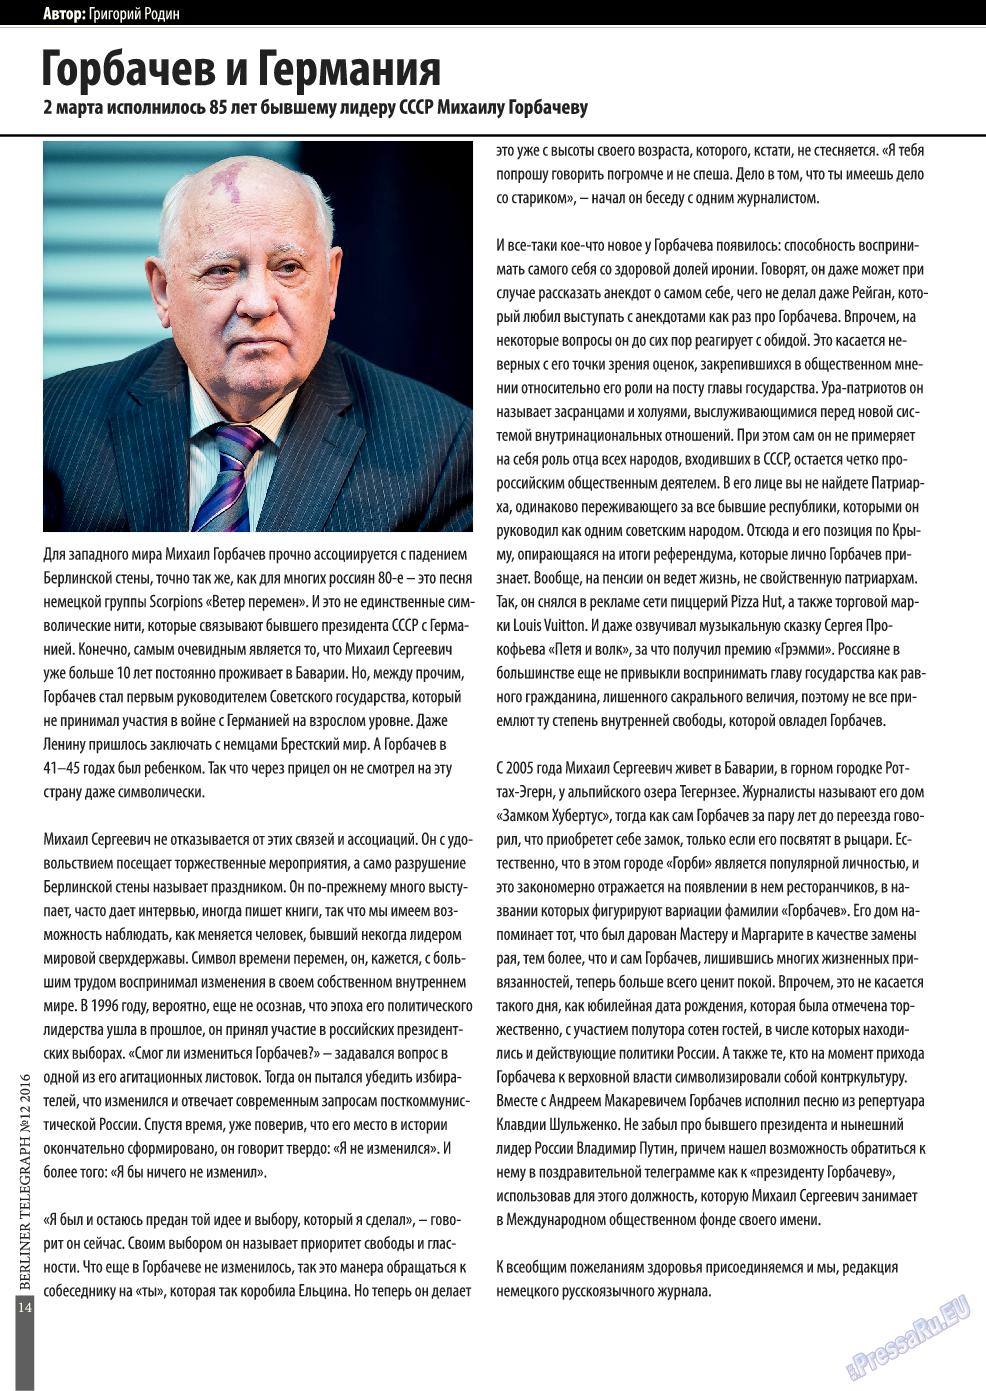 Берлинский телеграф (журнал). 2016 год, номер 12, стр. 14